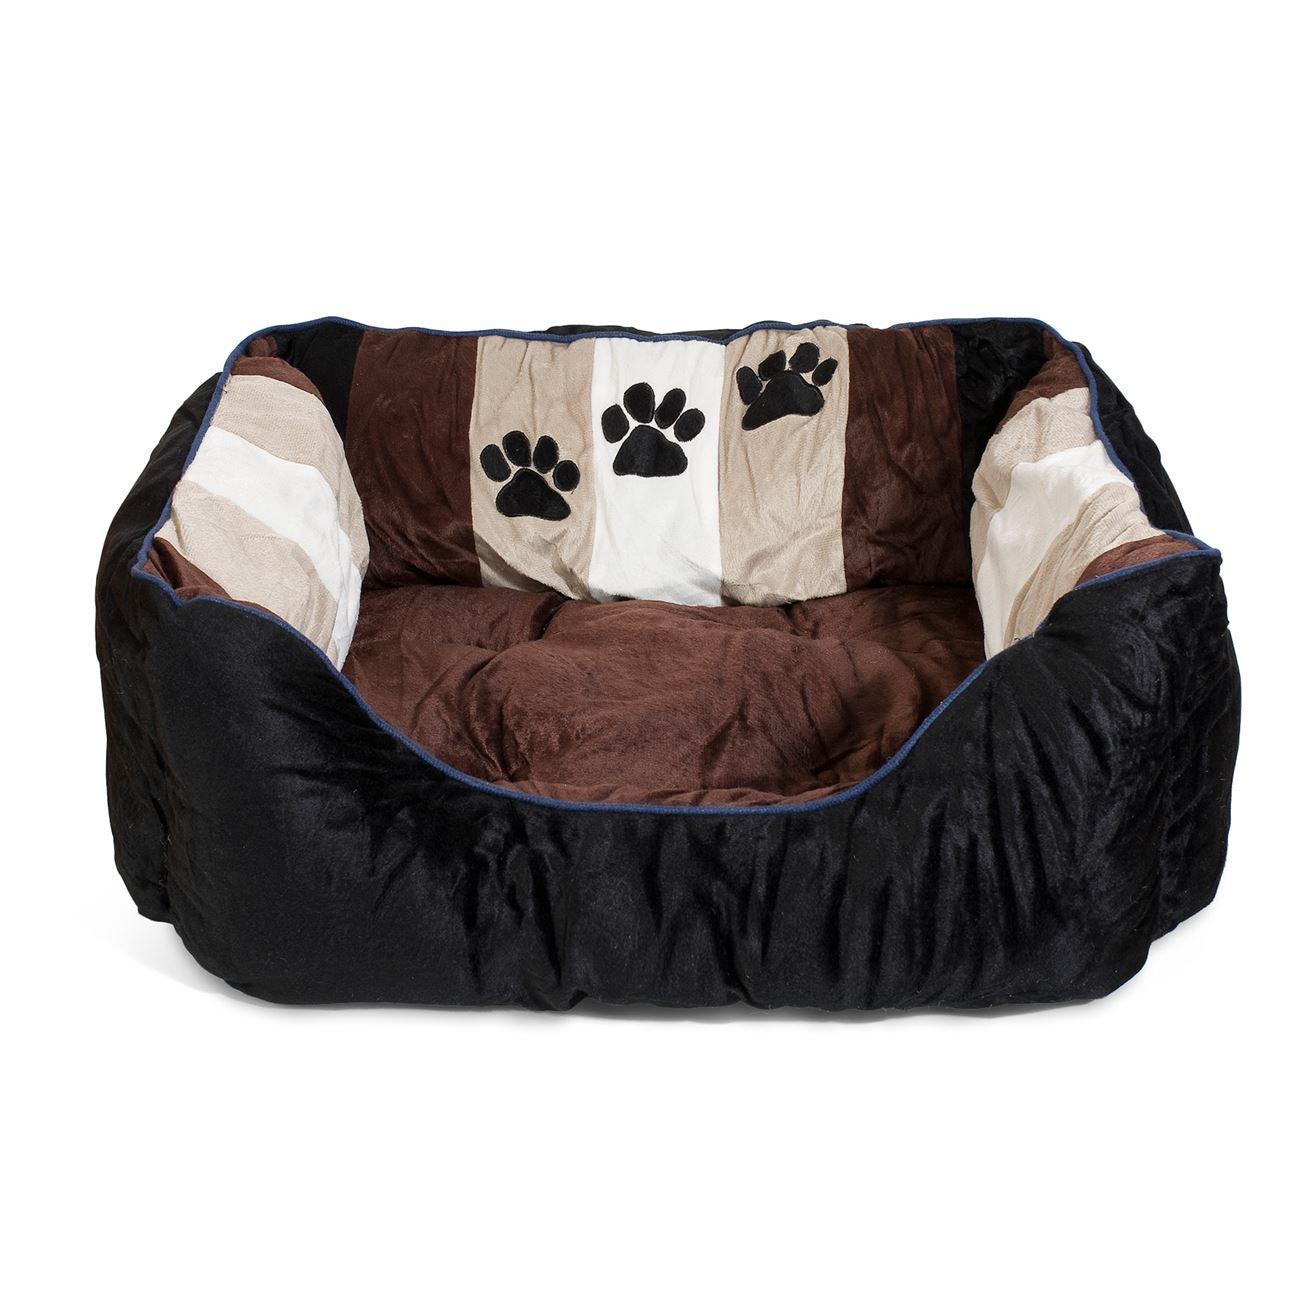 037fcedf1c46 Κρεβατάκι Σκύλου Καναπές 75x60x25   Κρεβάτια Σκύλου